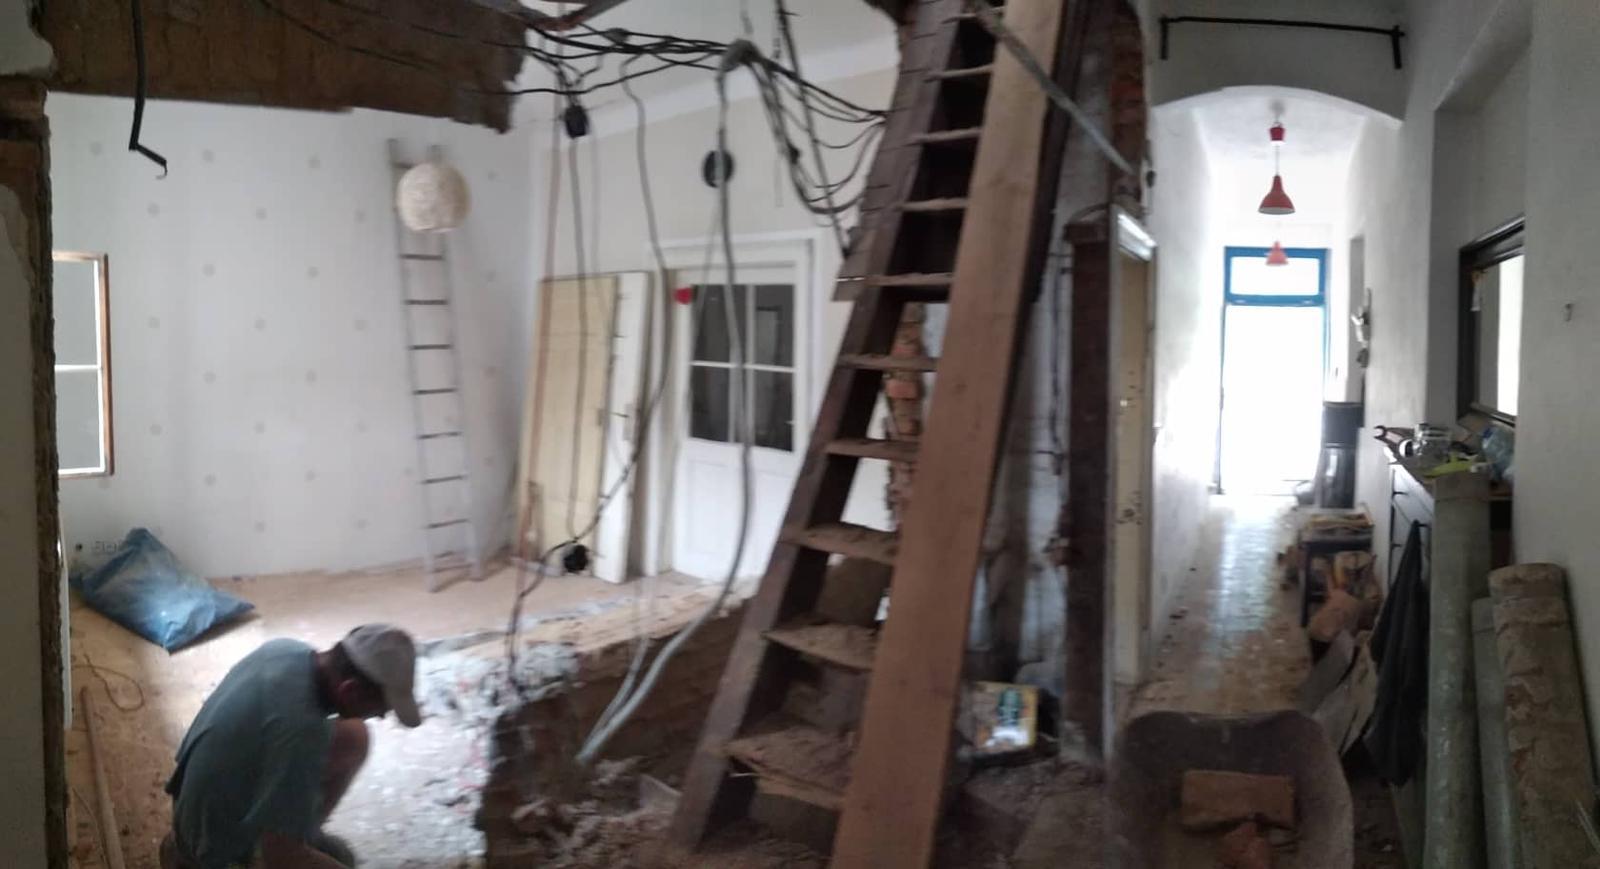 """Ruina 2 - Propojením chodby a dětského pokojíku vznikne hala, které pracovně říkáme """"schodišťová""""."""